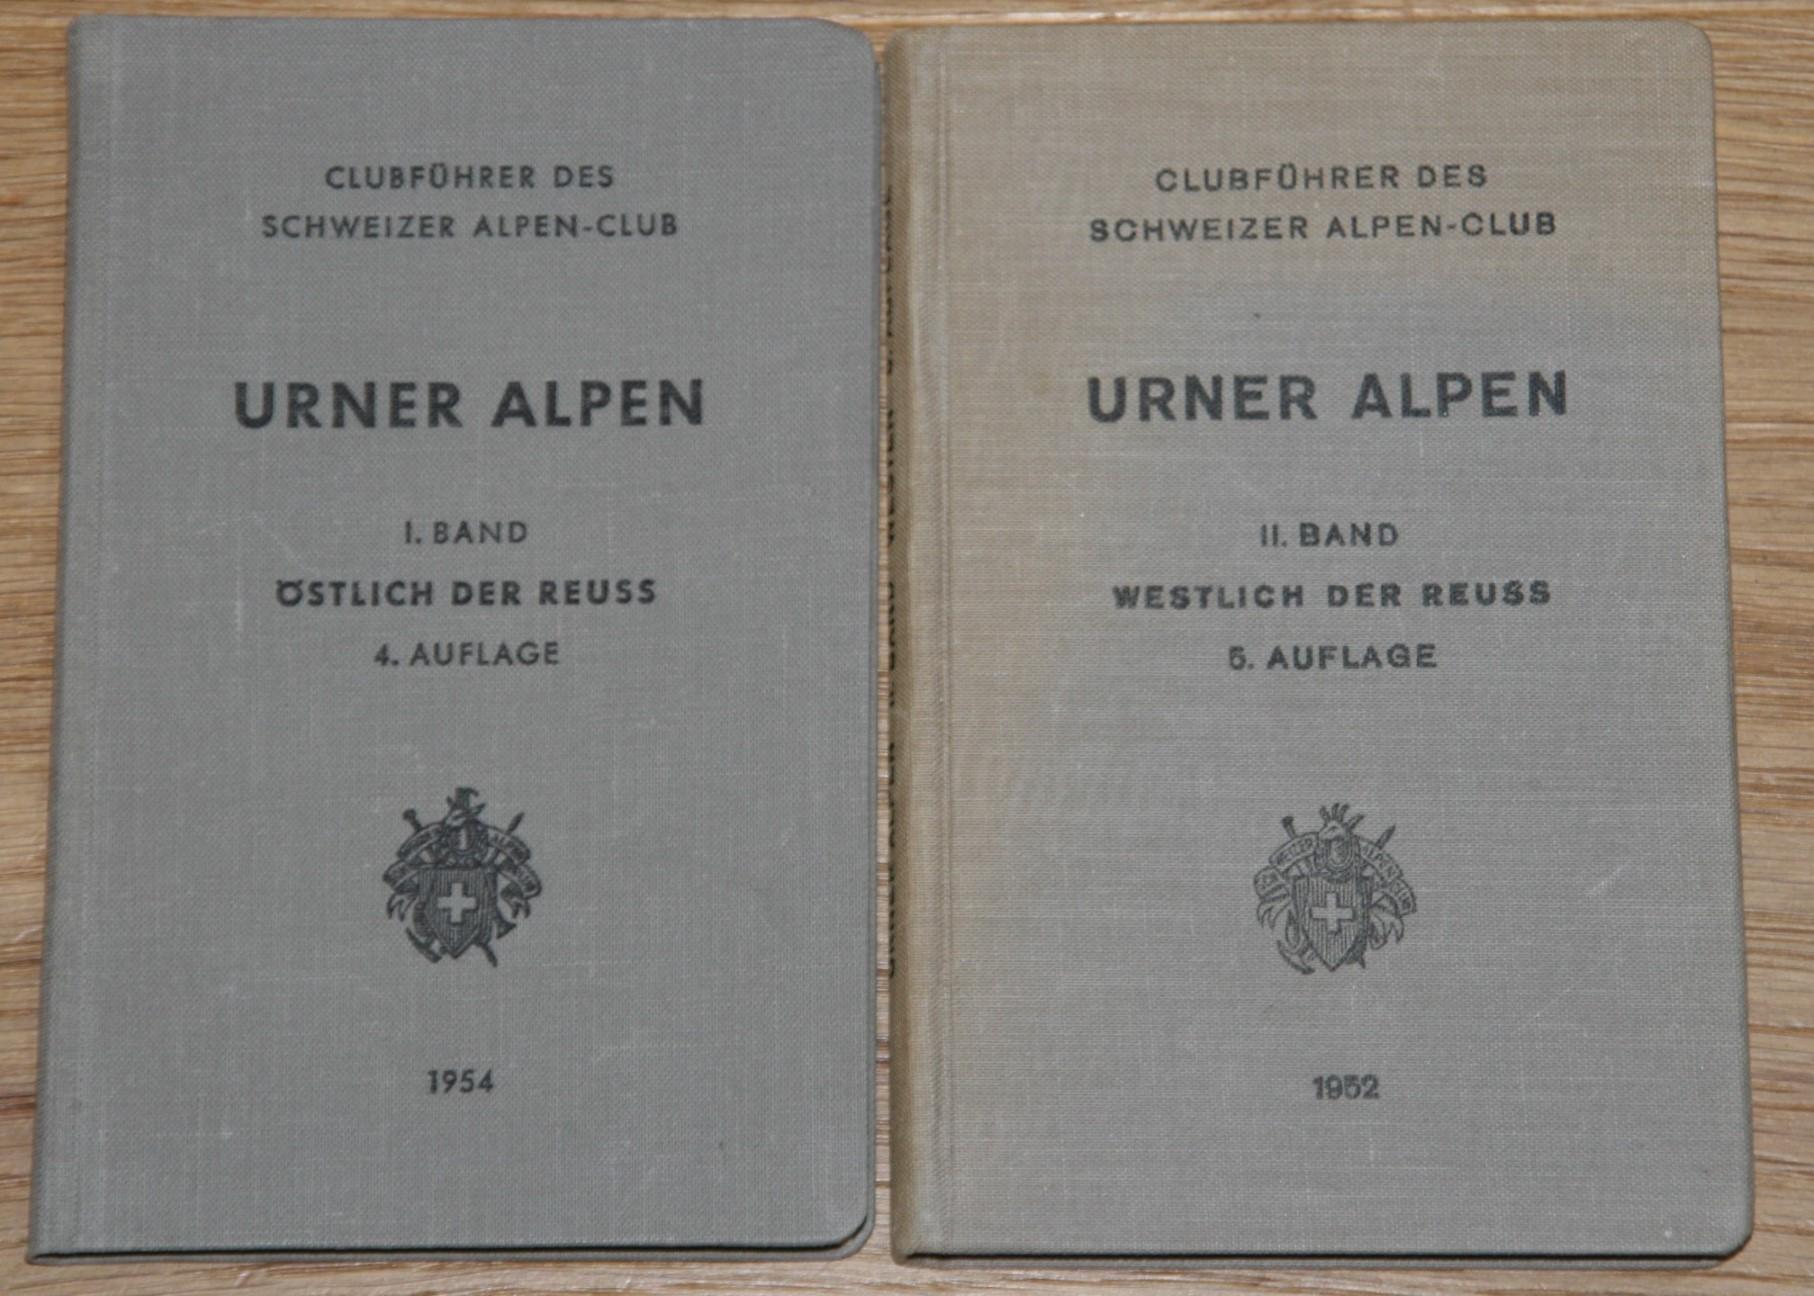 Clubführer des Schweizer Alpen-Club. URNER ALPEN. Band I: Östlich der Reuss. Band II: Westlich der Reuss. 4.+5. Aufl.;